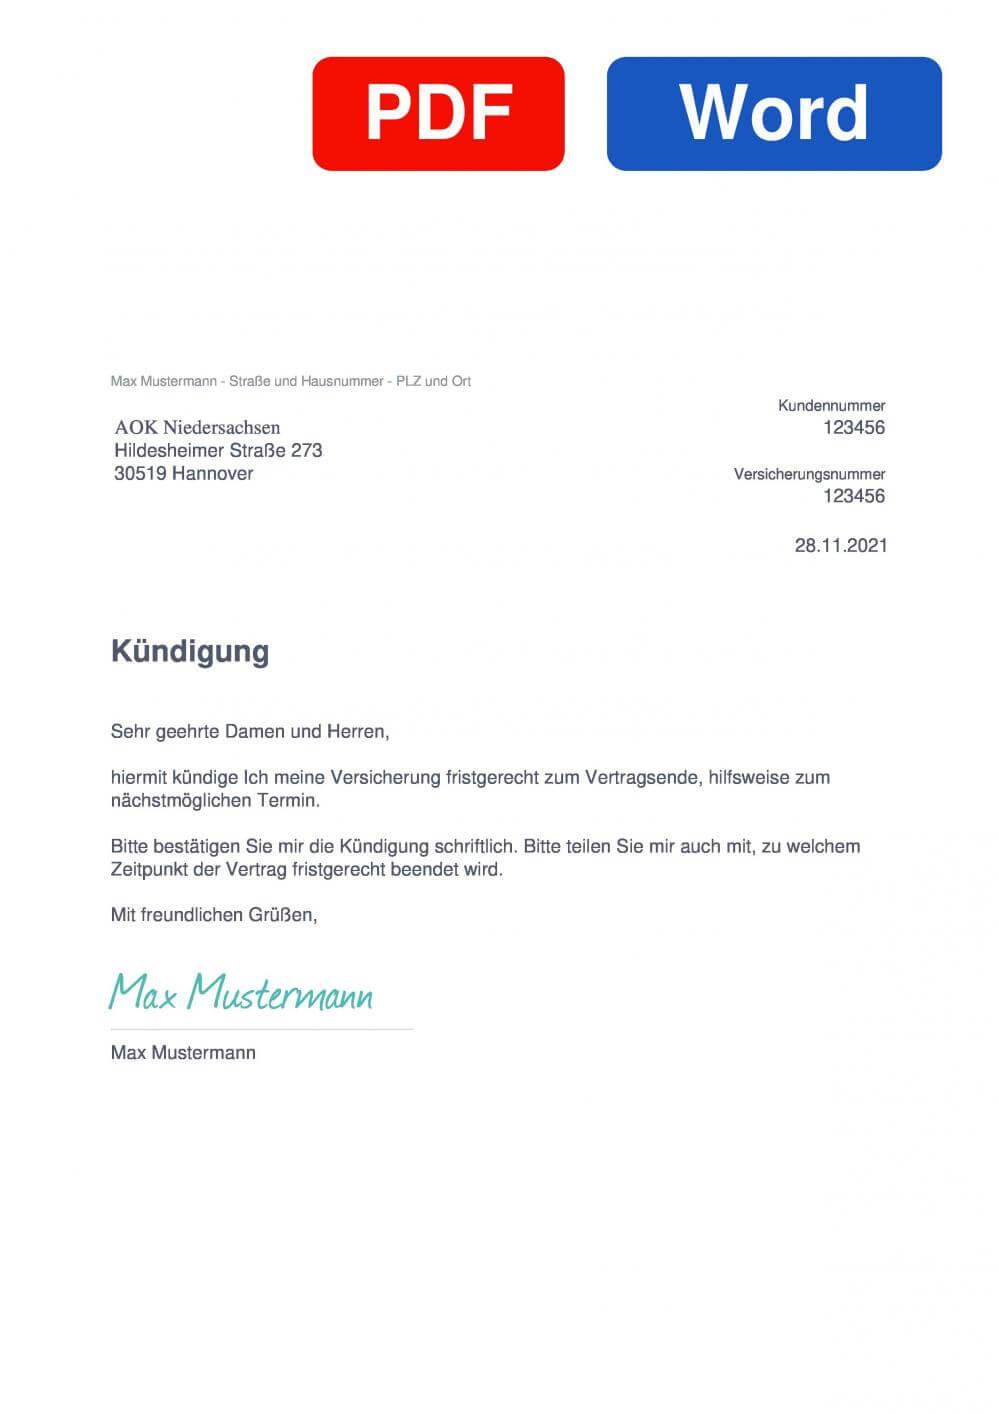 AOK Niedersachsen Muster Vorlage für Kündigungsschreiben